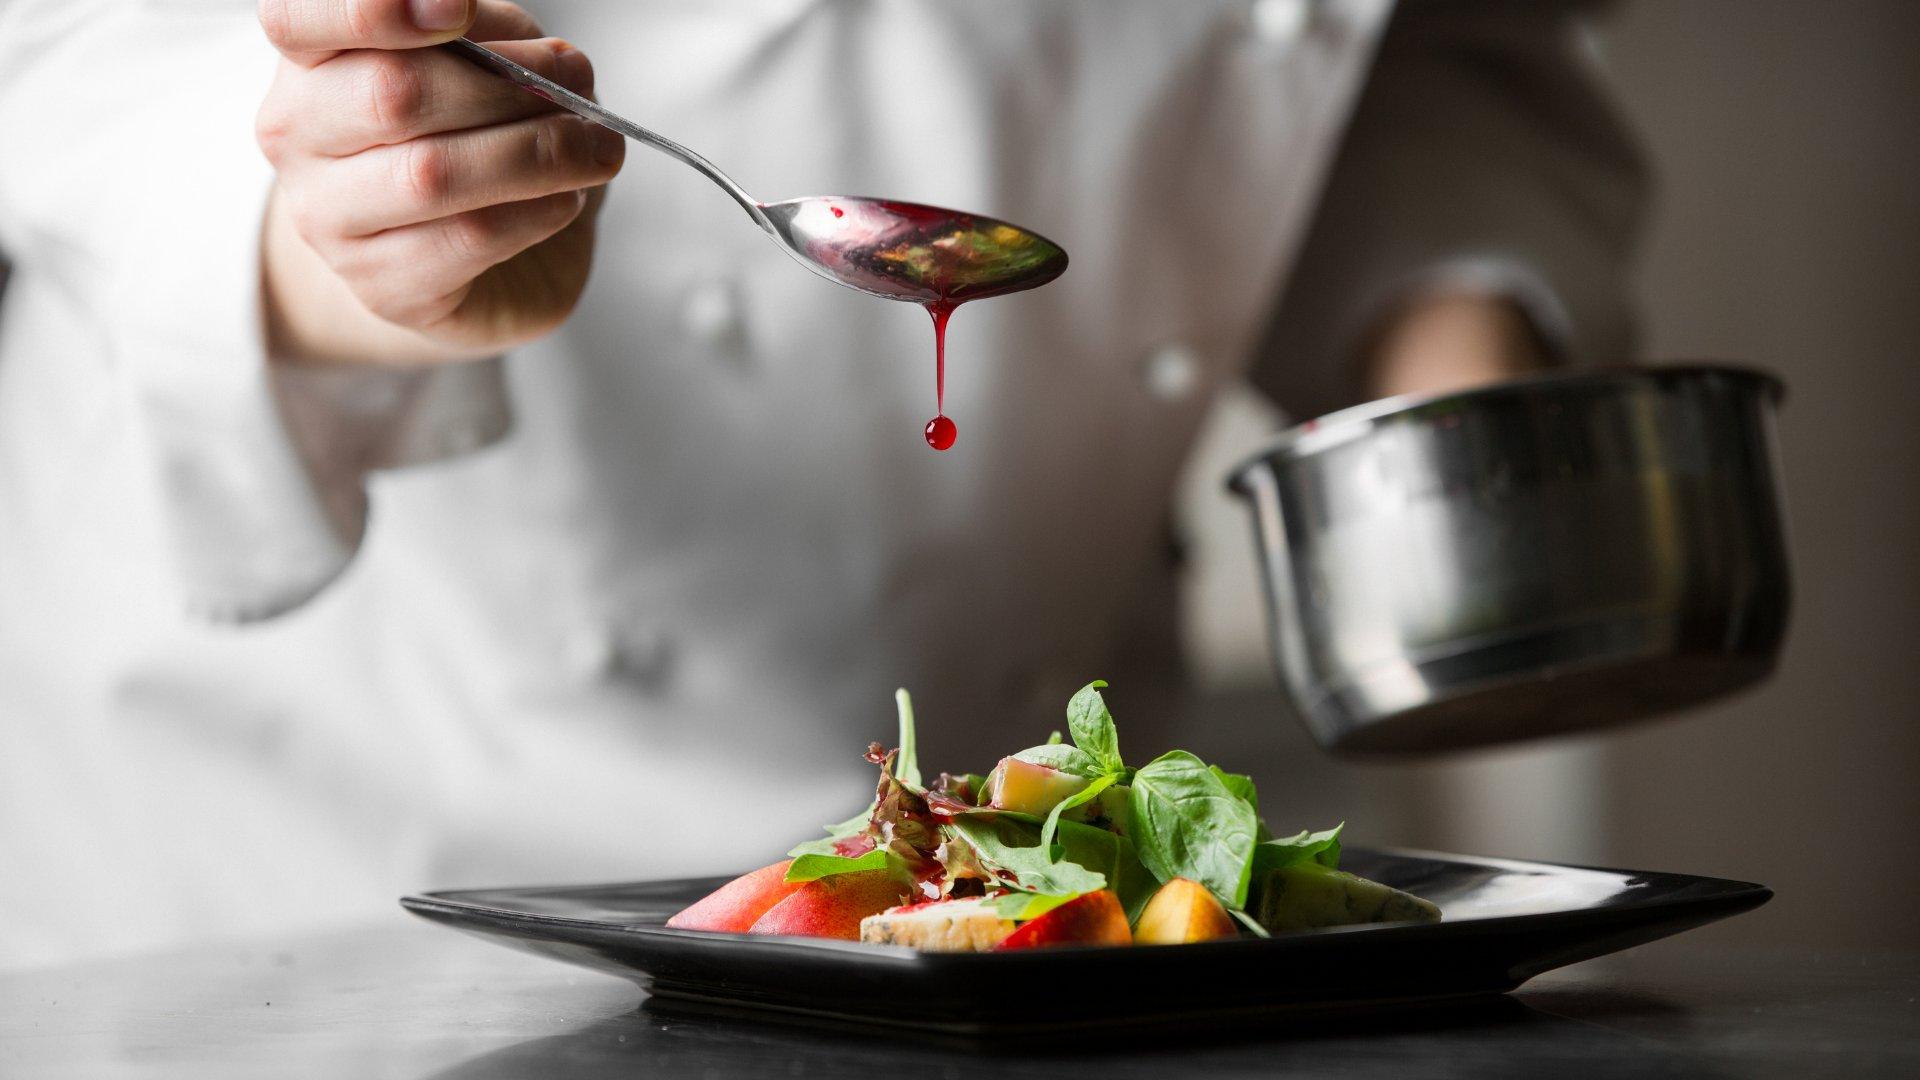 Cozinheira com uma colher terminando um prato